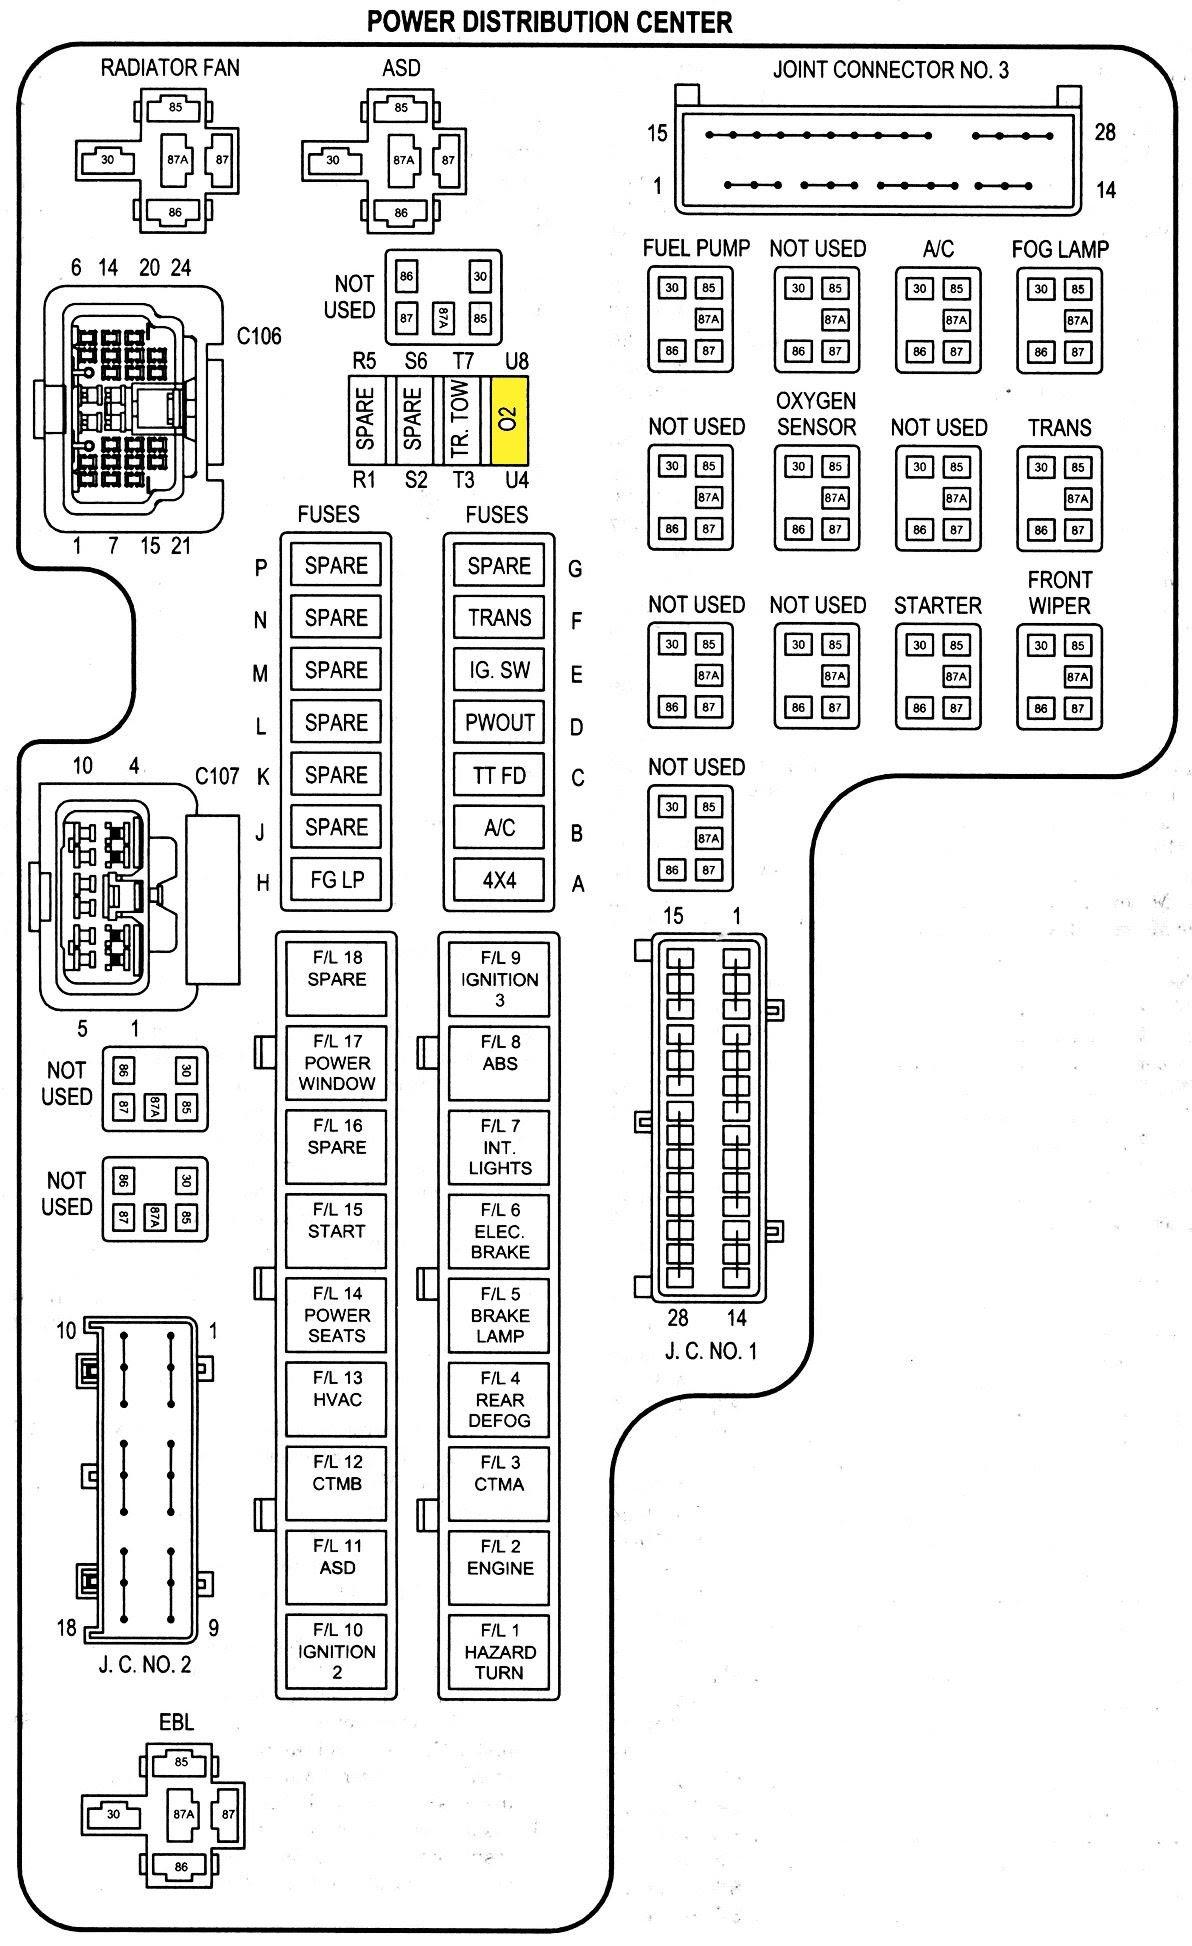 928c7 Fuse Box Diagram 2002 Dodge Durango Engine Wiring Resources